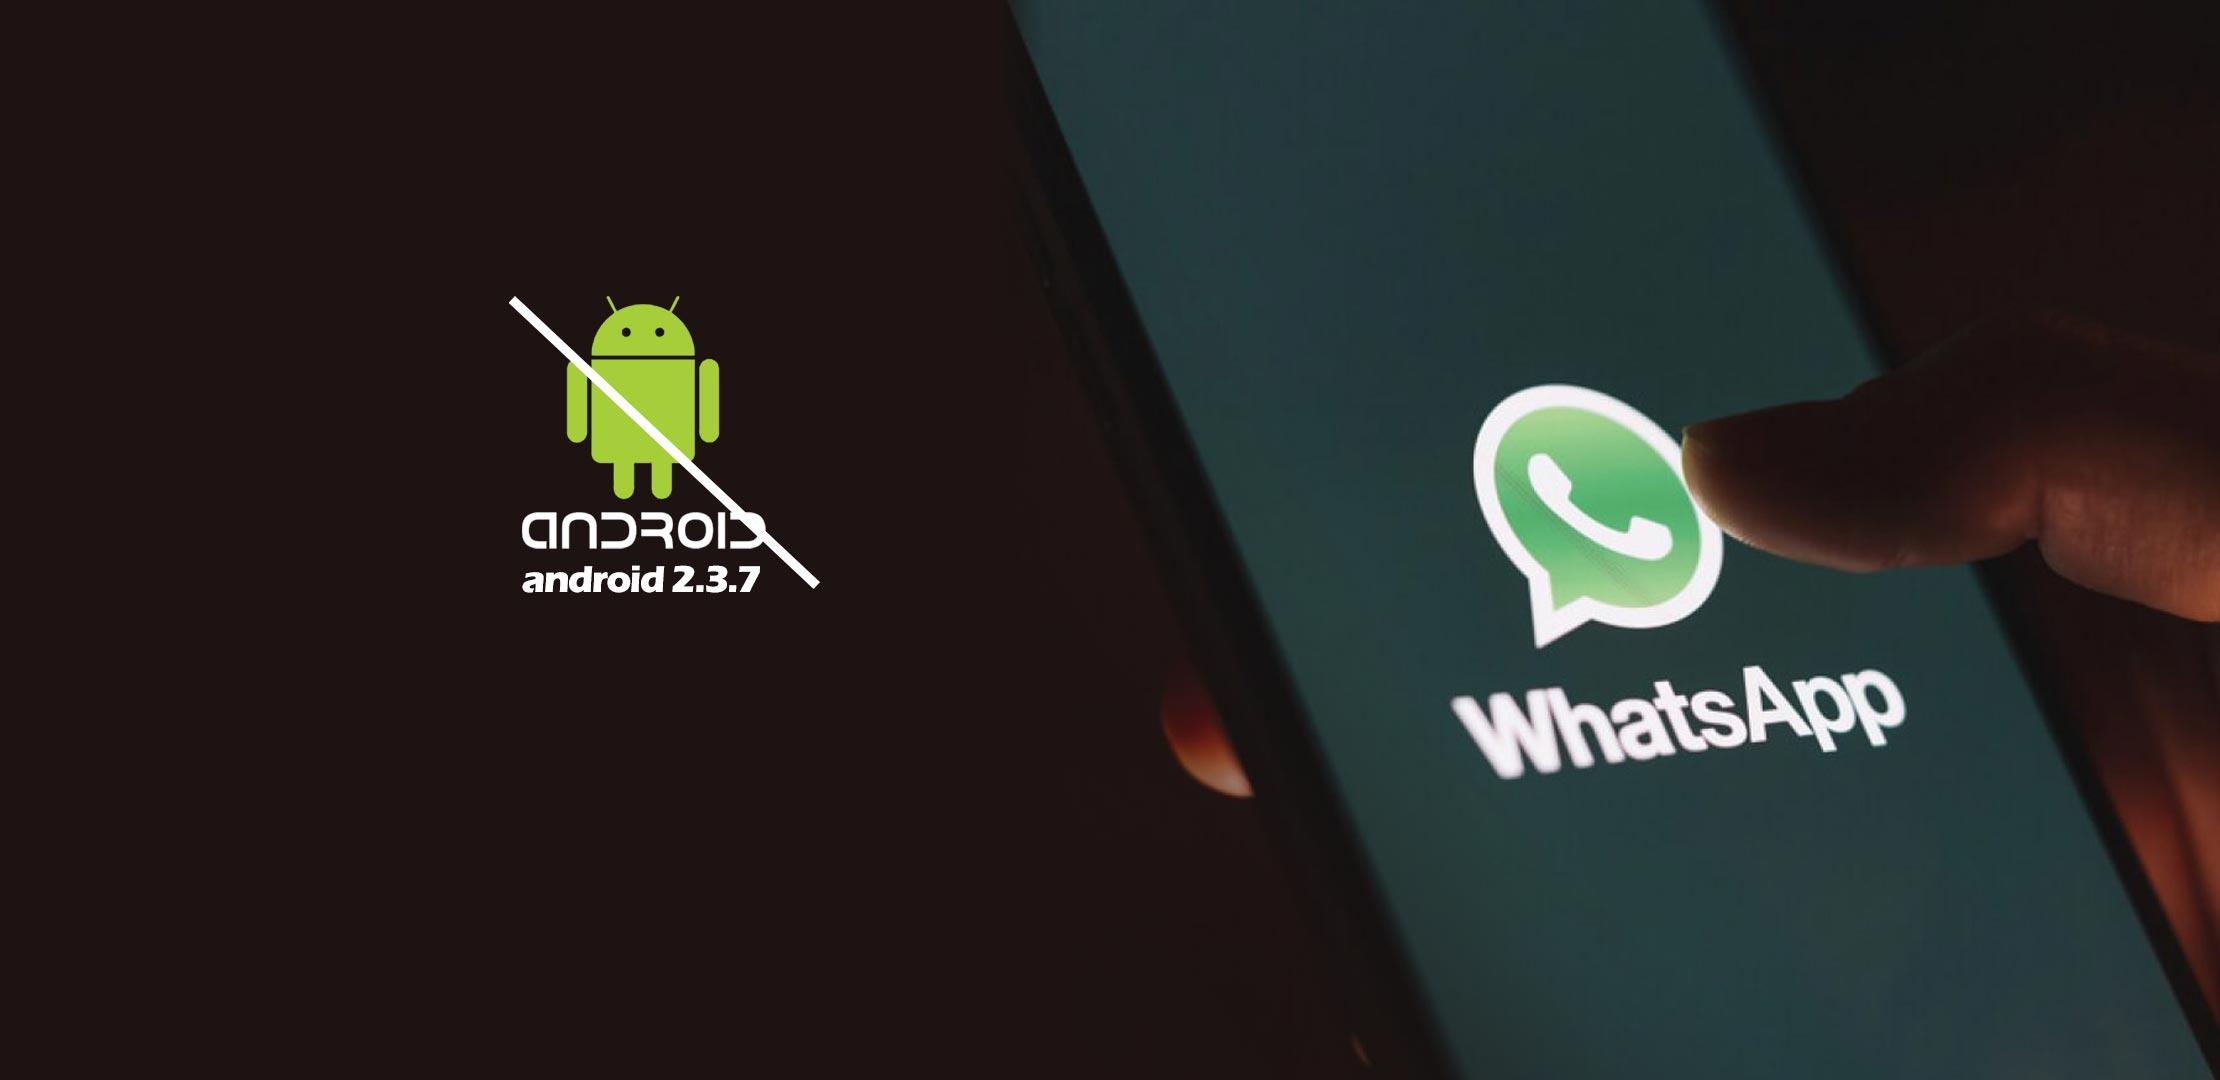 Brak wsparcia ze strony WhatsApp dla Androida i iOS w 2021 roku.